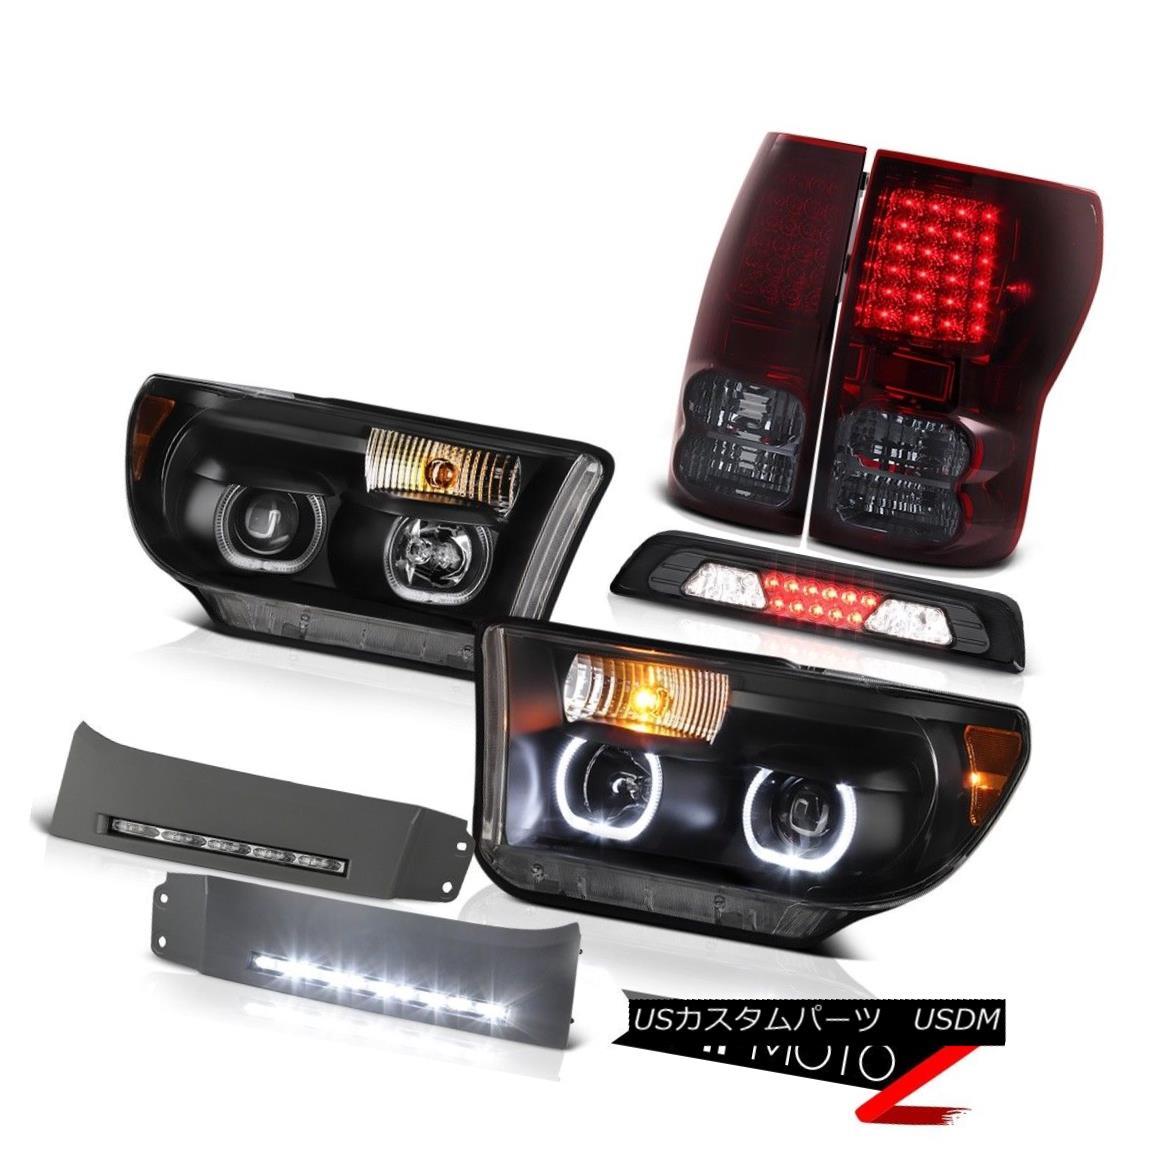 テールライト 07-13 Toyota Tundra SR5 Headlamps DRL Strip 3RD Brake Light Taillamps Halo Ring 07-13トヨタツンドラSR5ヘッドランプDRLストリップ3RDブレーキライトタイヤランプハローリング